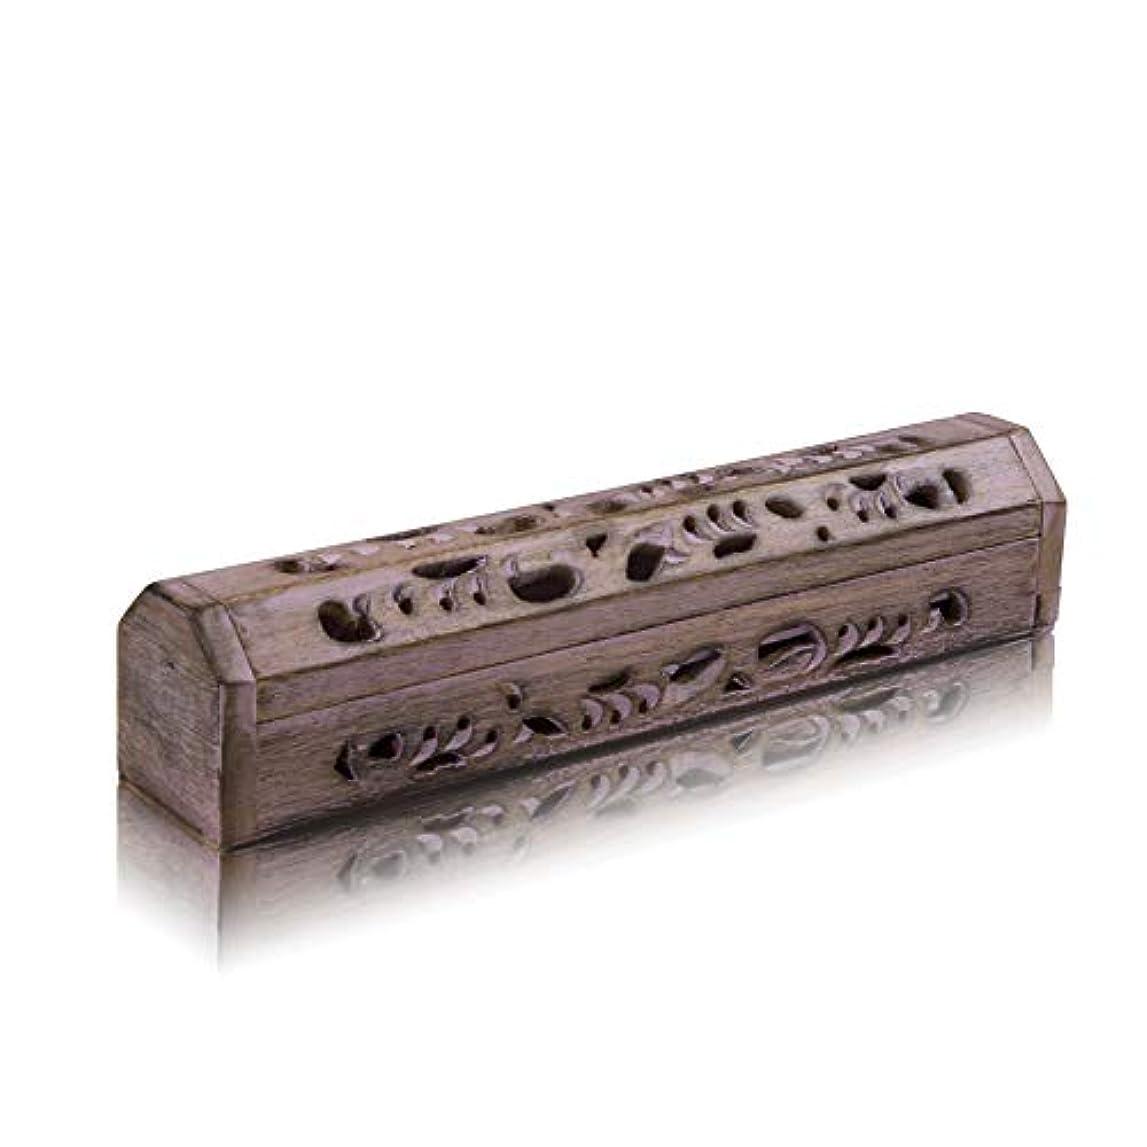 元に戻す樹木コーン木製お香スティック&コーンバーナーホルダー 収納コンパートメント付き オーガニックで環境に優しいアッシュキャッチャー アガーバティホルダー 素朴なスタイル 瞑想 ヨガ アロマセラピー ホームフレグランス製品